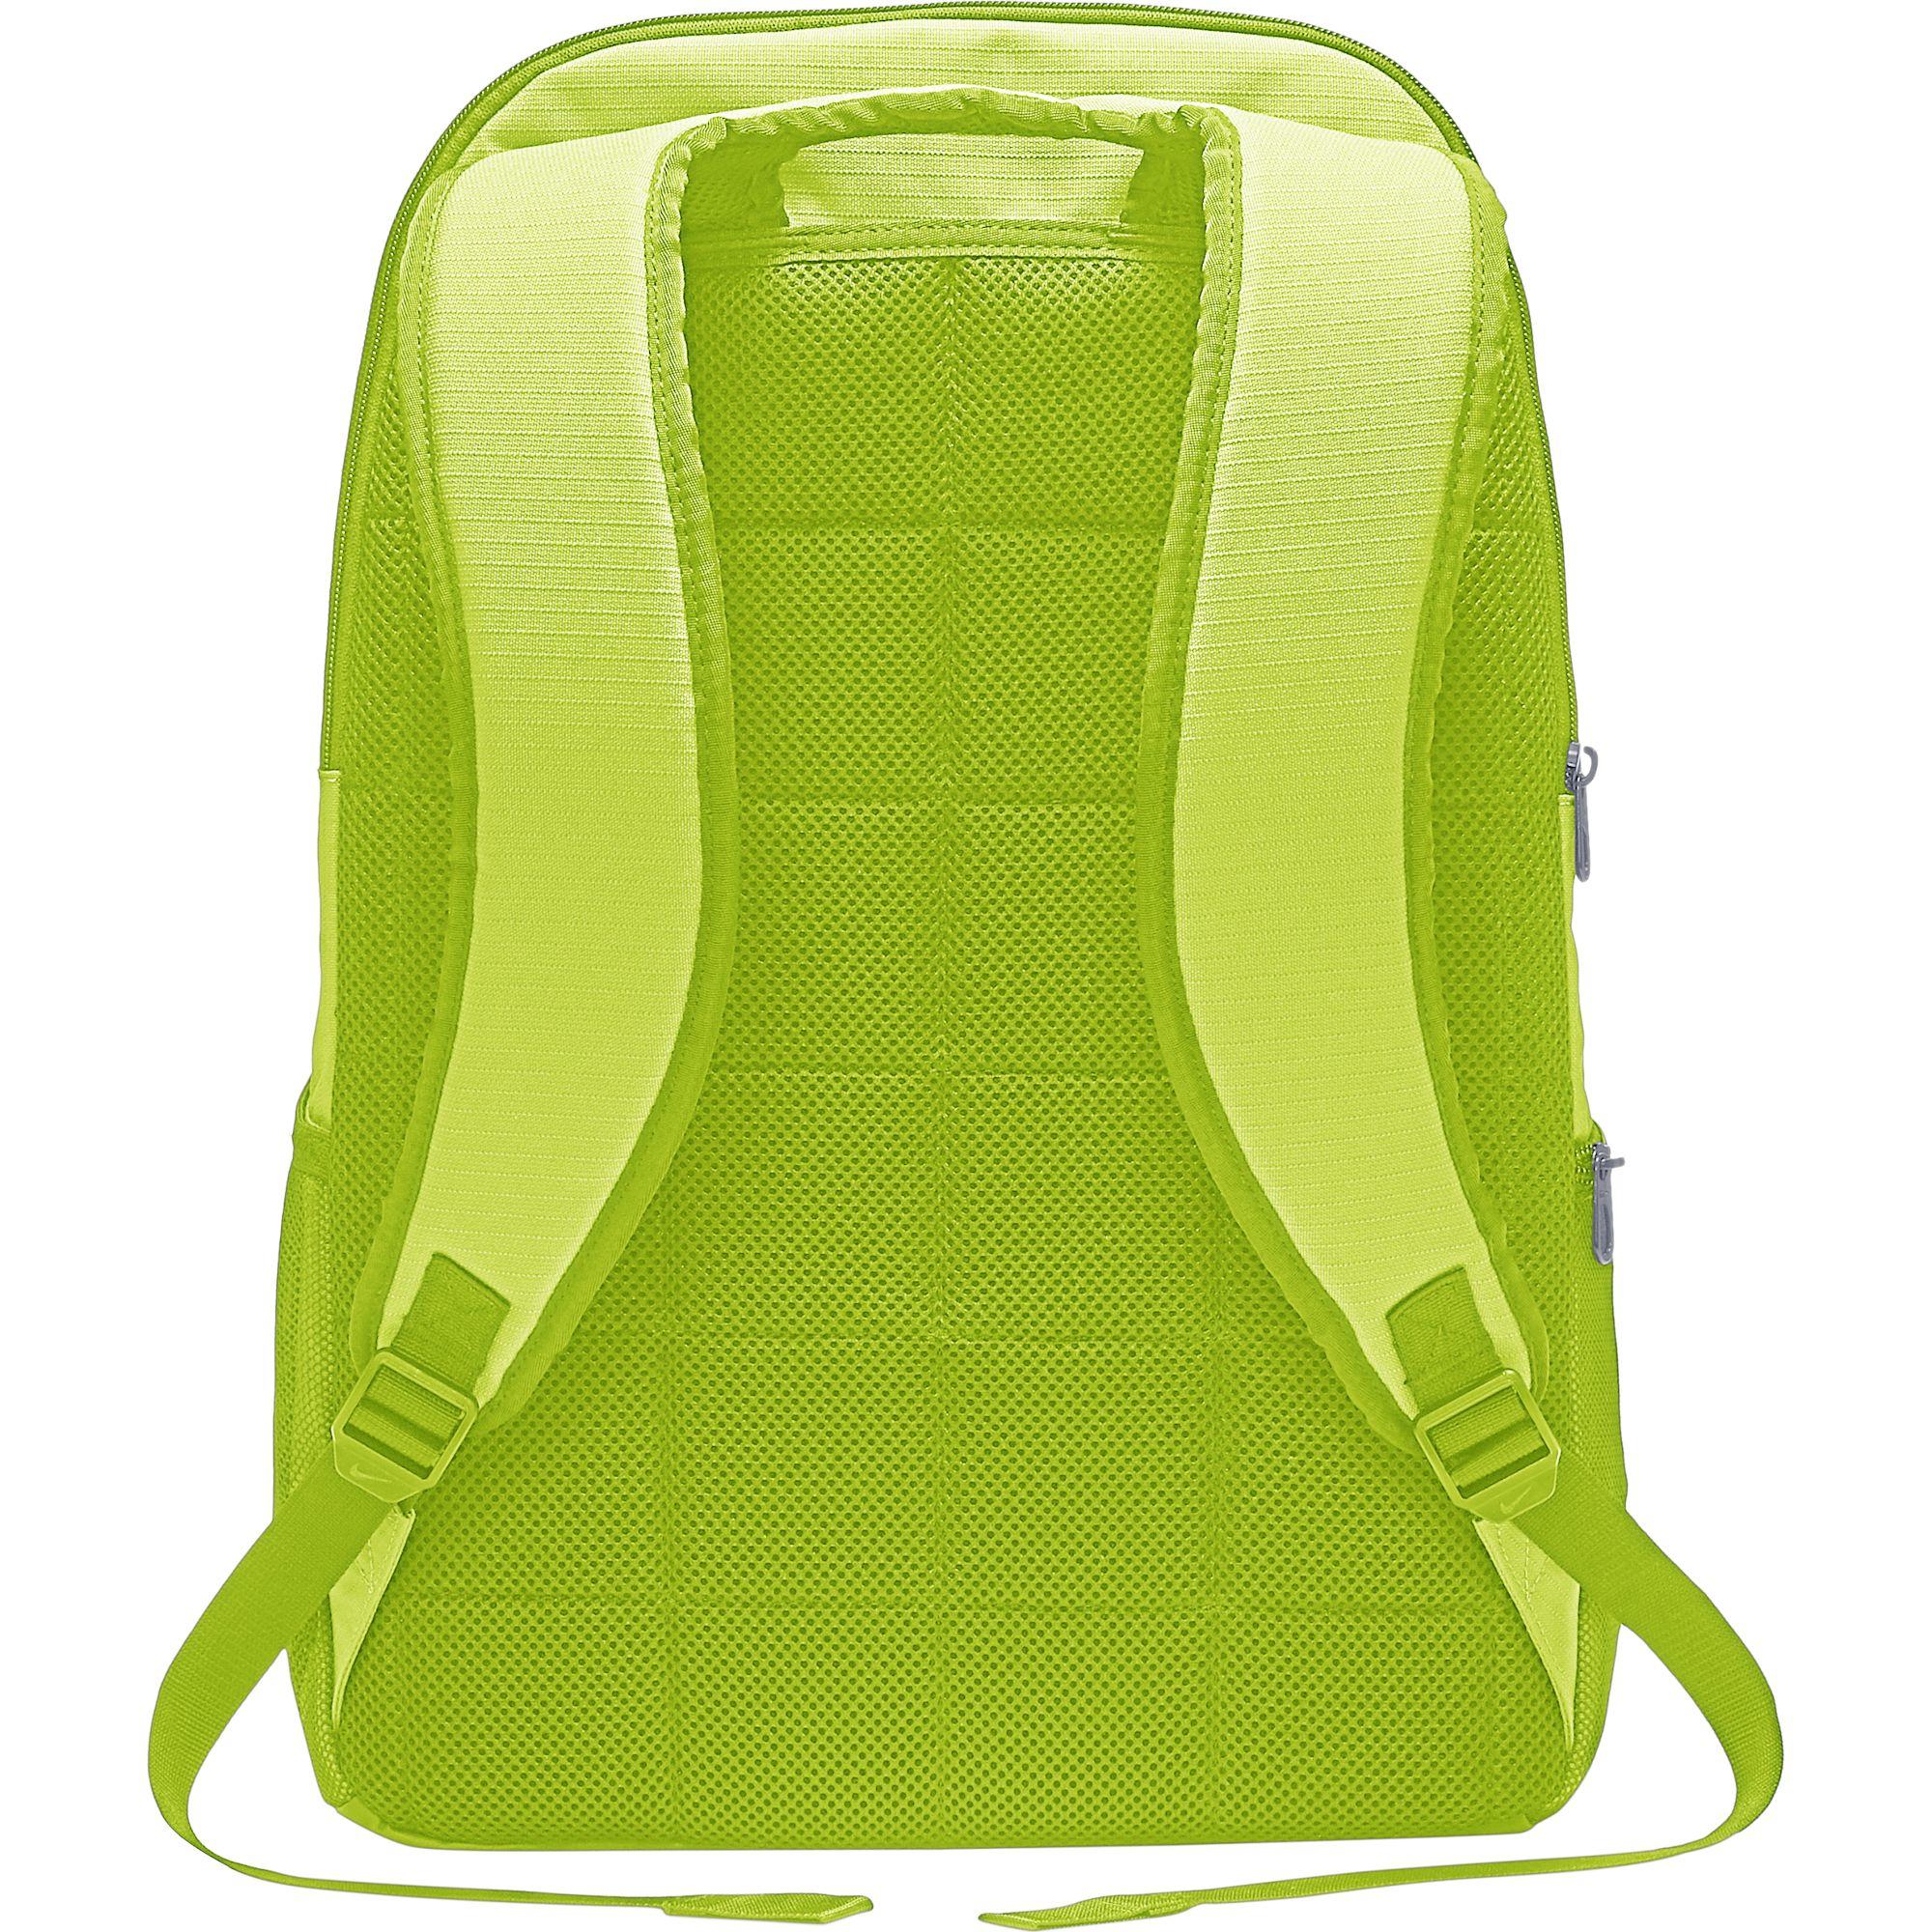 Brasilia XL Backpack, Neon Yellow, swatch